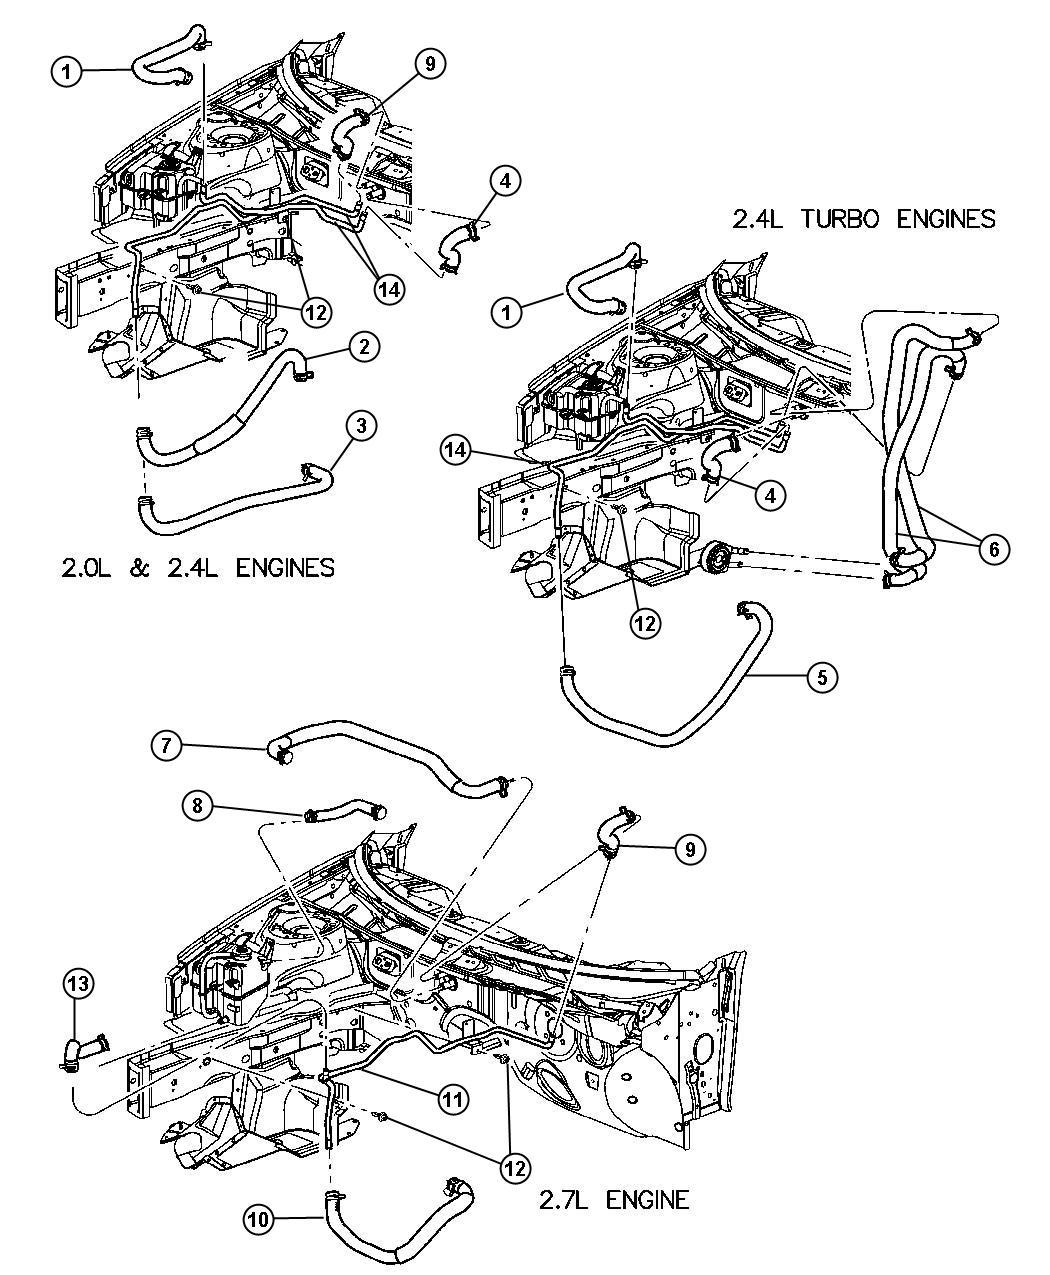 2001 Chrysler Sebring Plumbing, Heater.